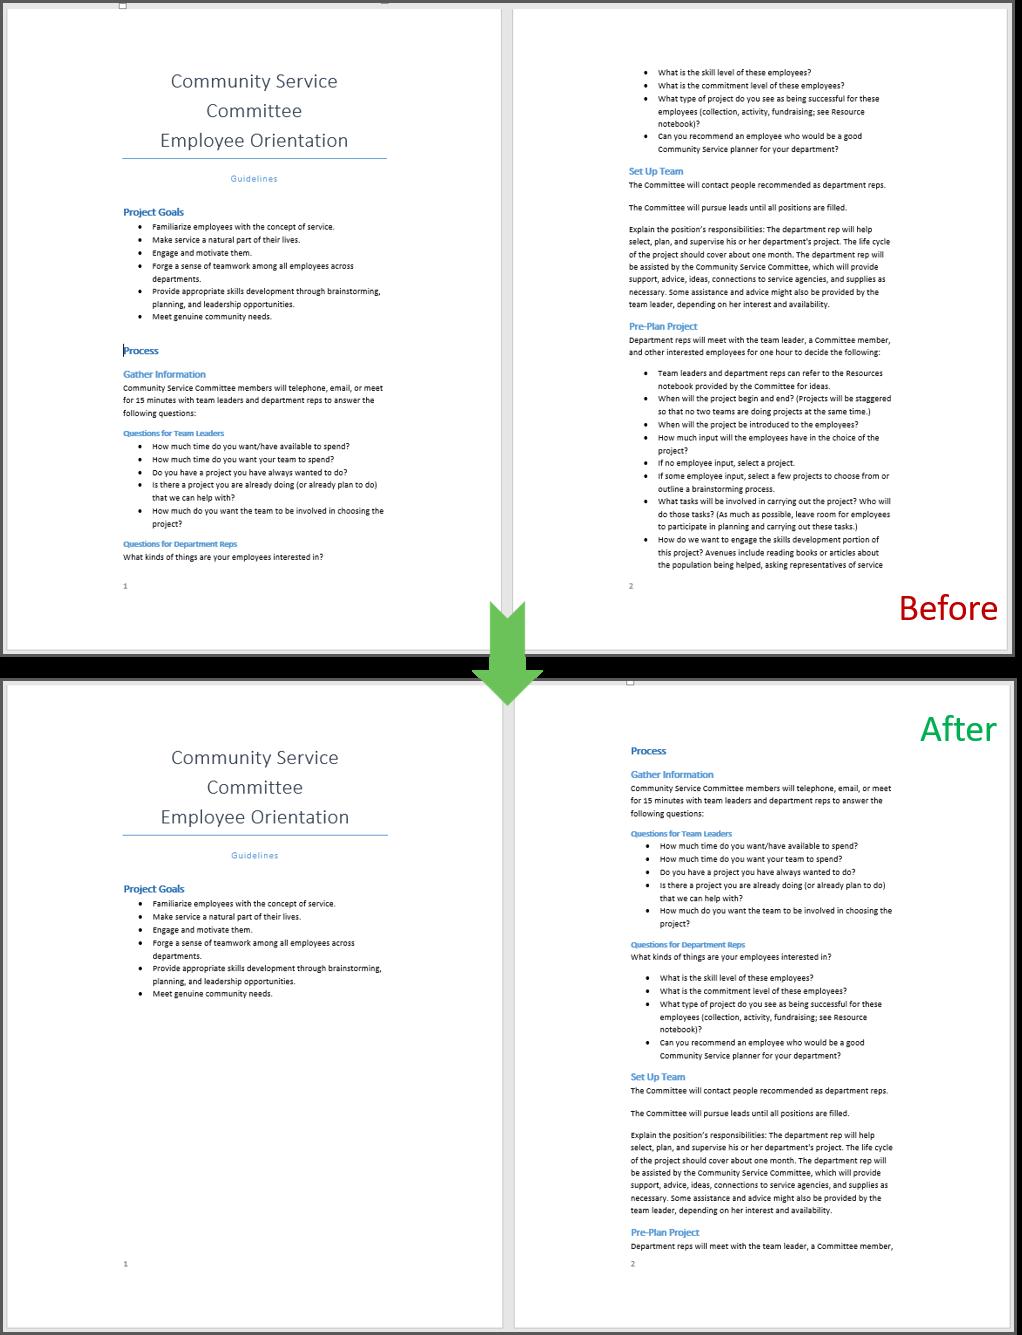 Tampilan sebelum dan sesudah insert page break